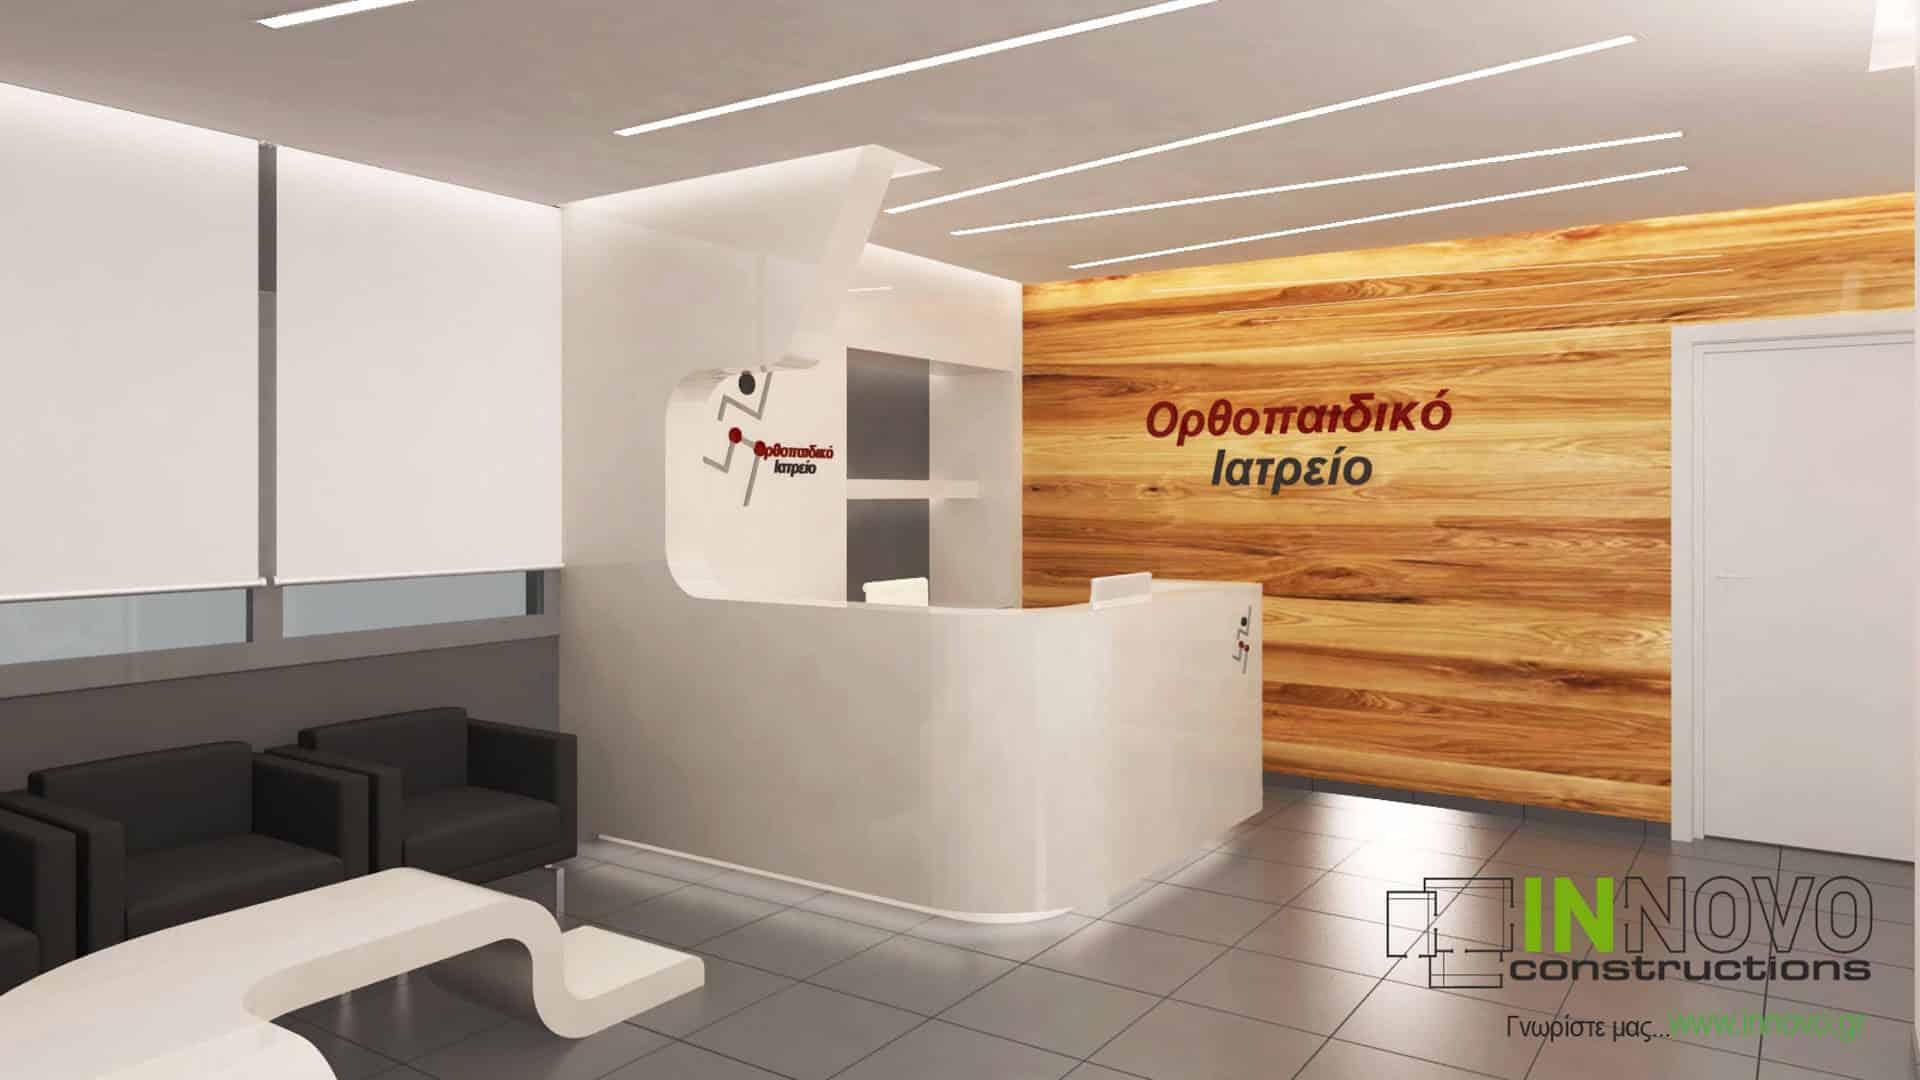 Κατασκευή ορθοπεδικού ιατρείου στη Νέα Σμύρνη